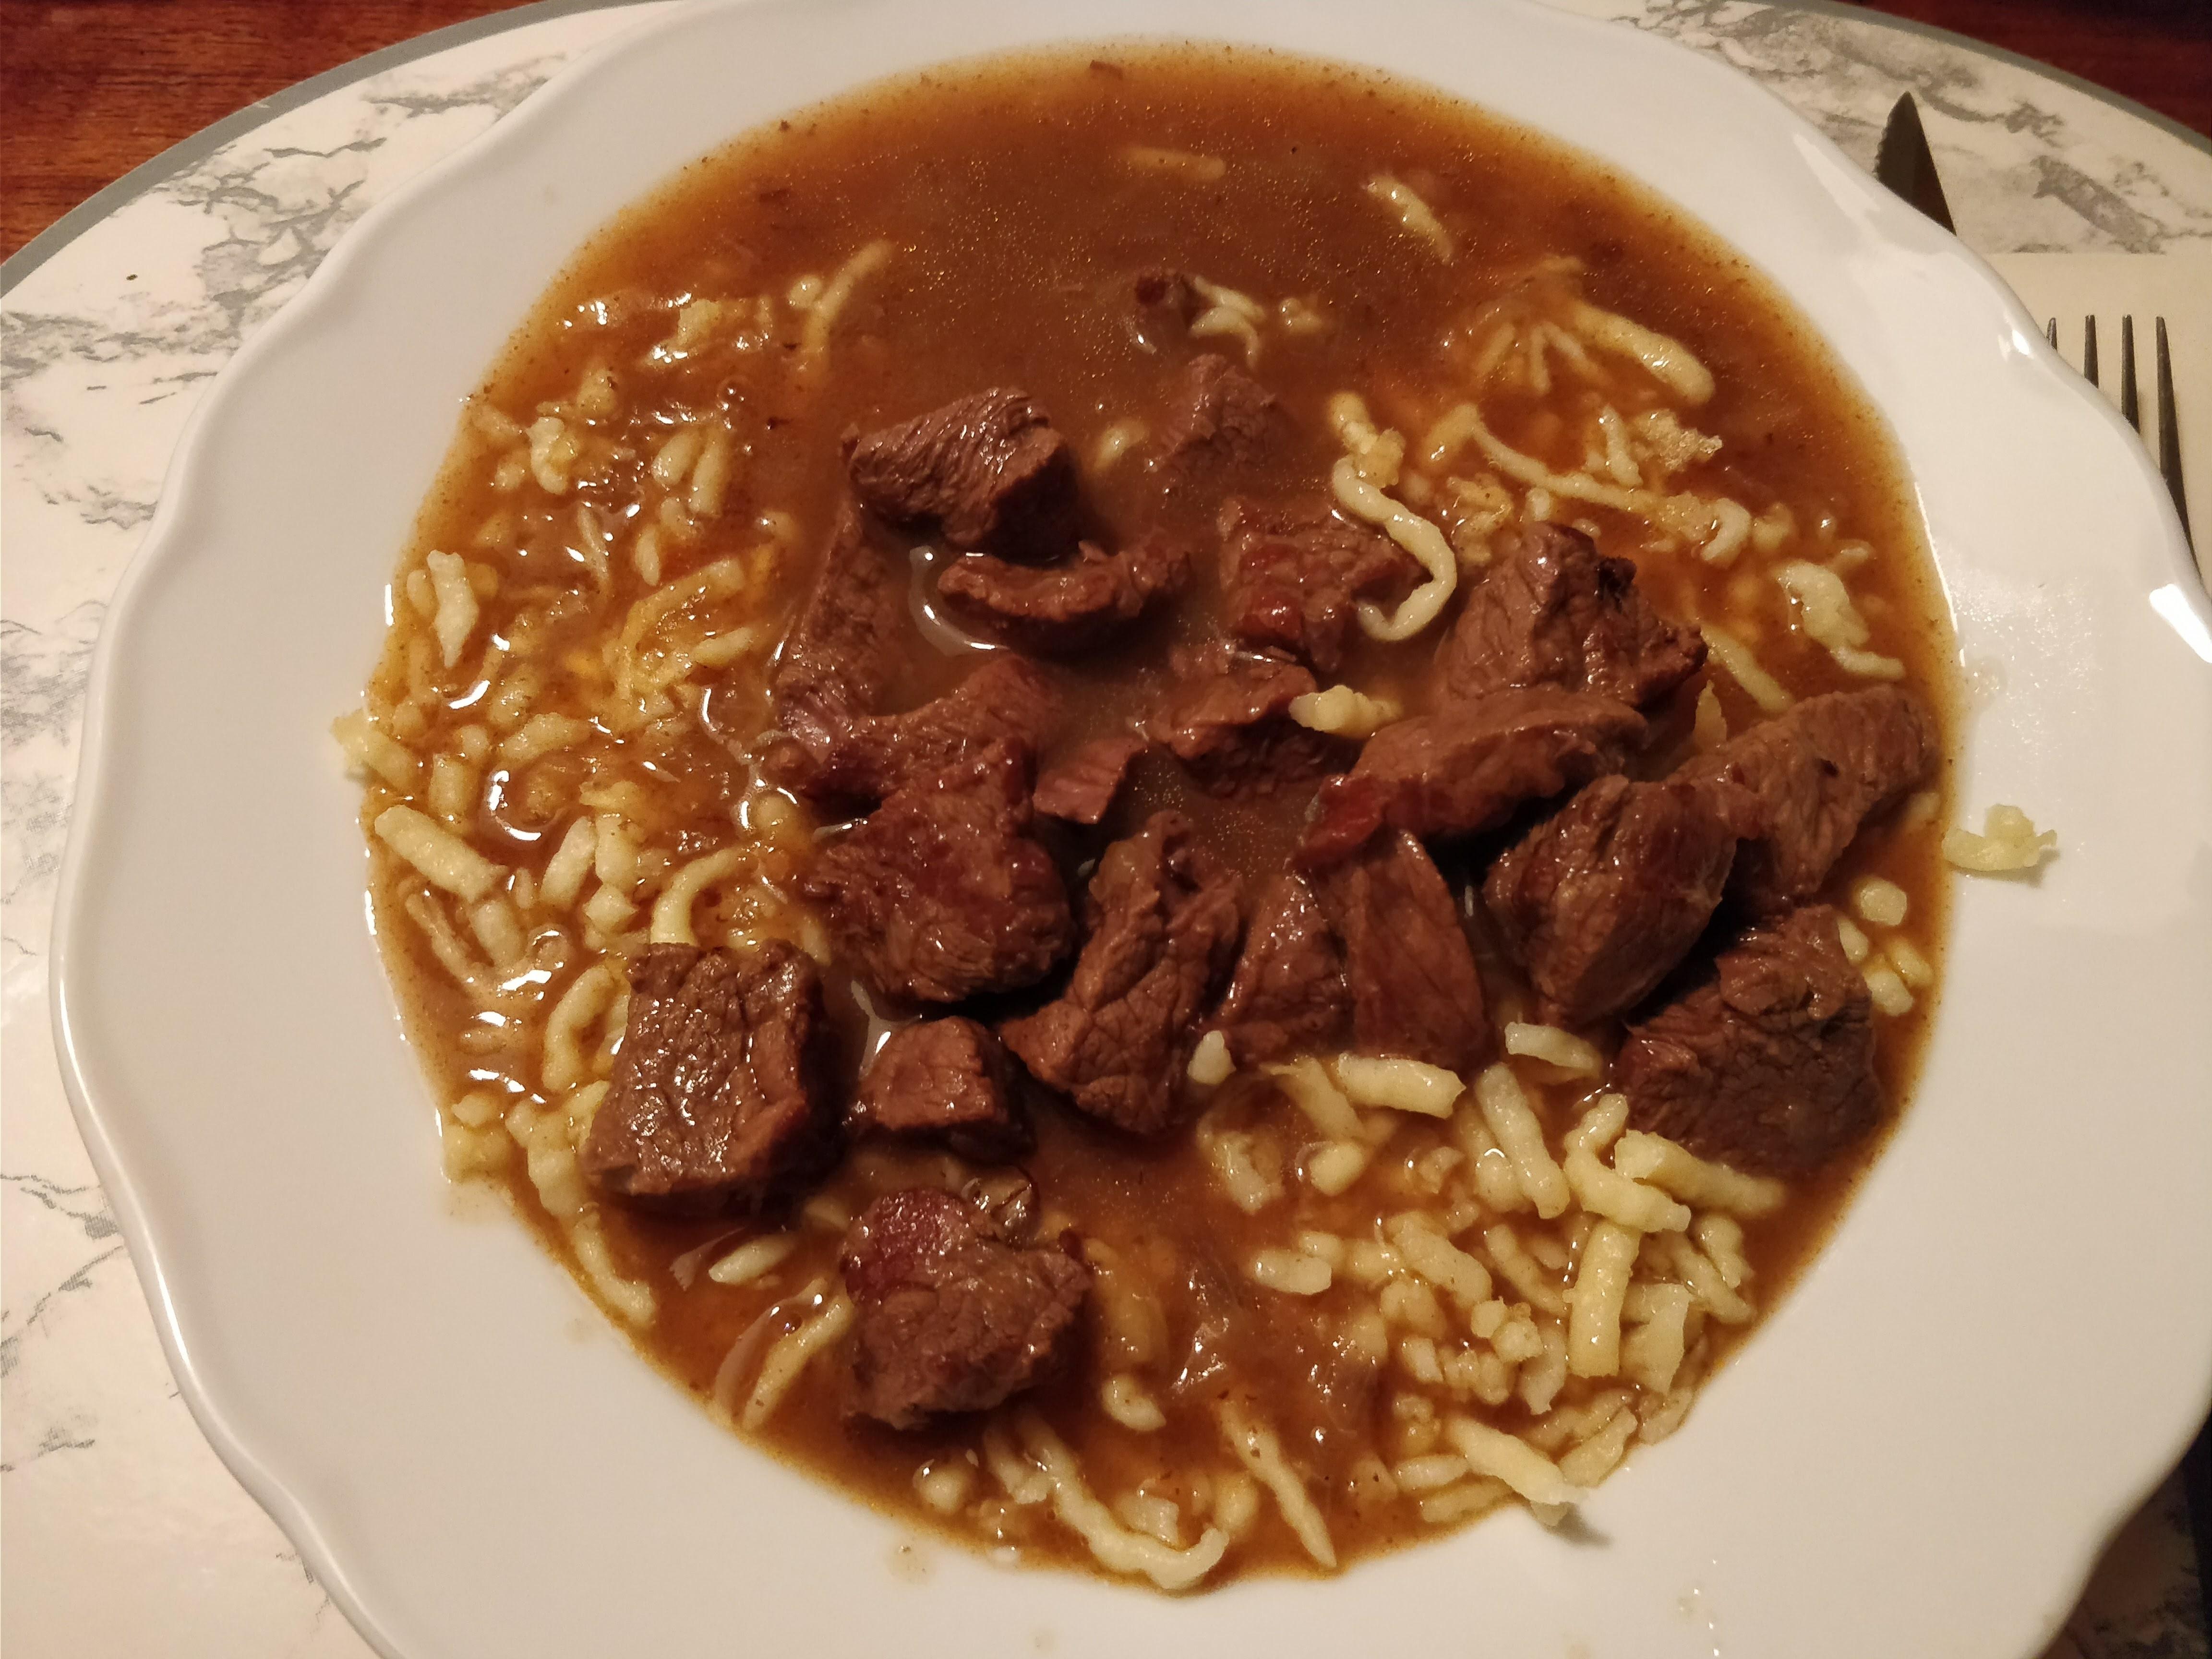 http://foodloader.net/nico_2018-02-21_gulasch-mit-spaetzle.jpg